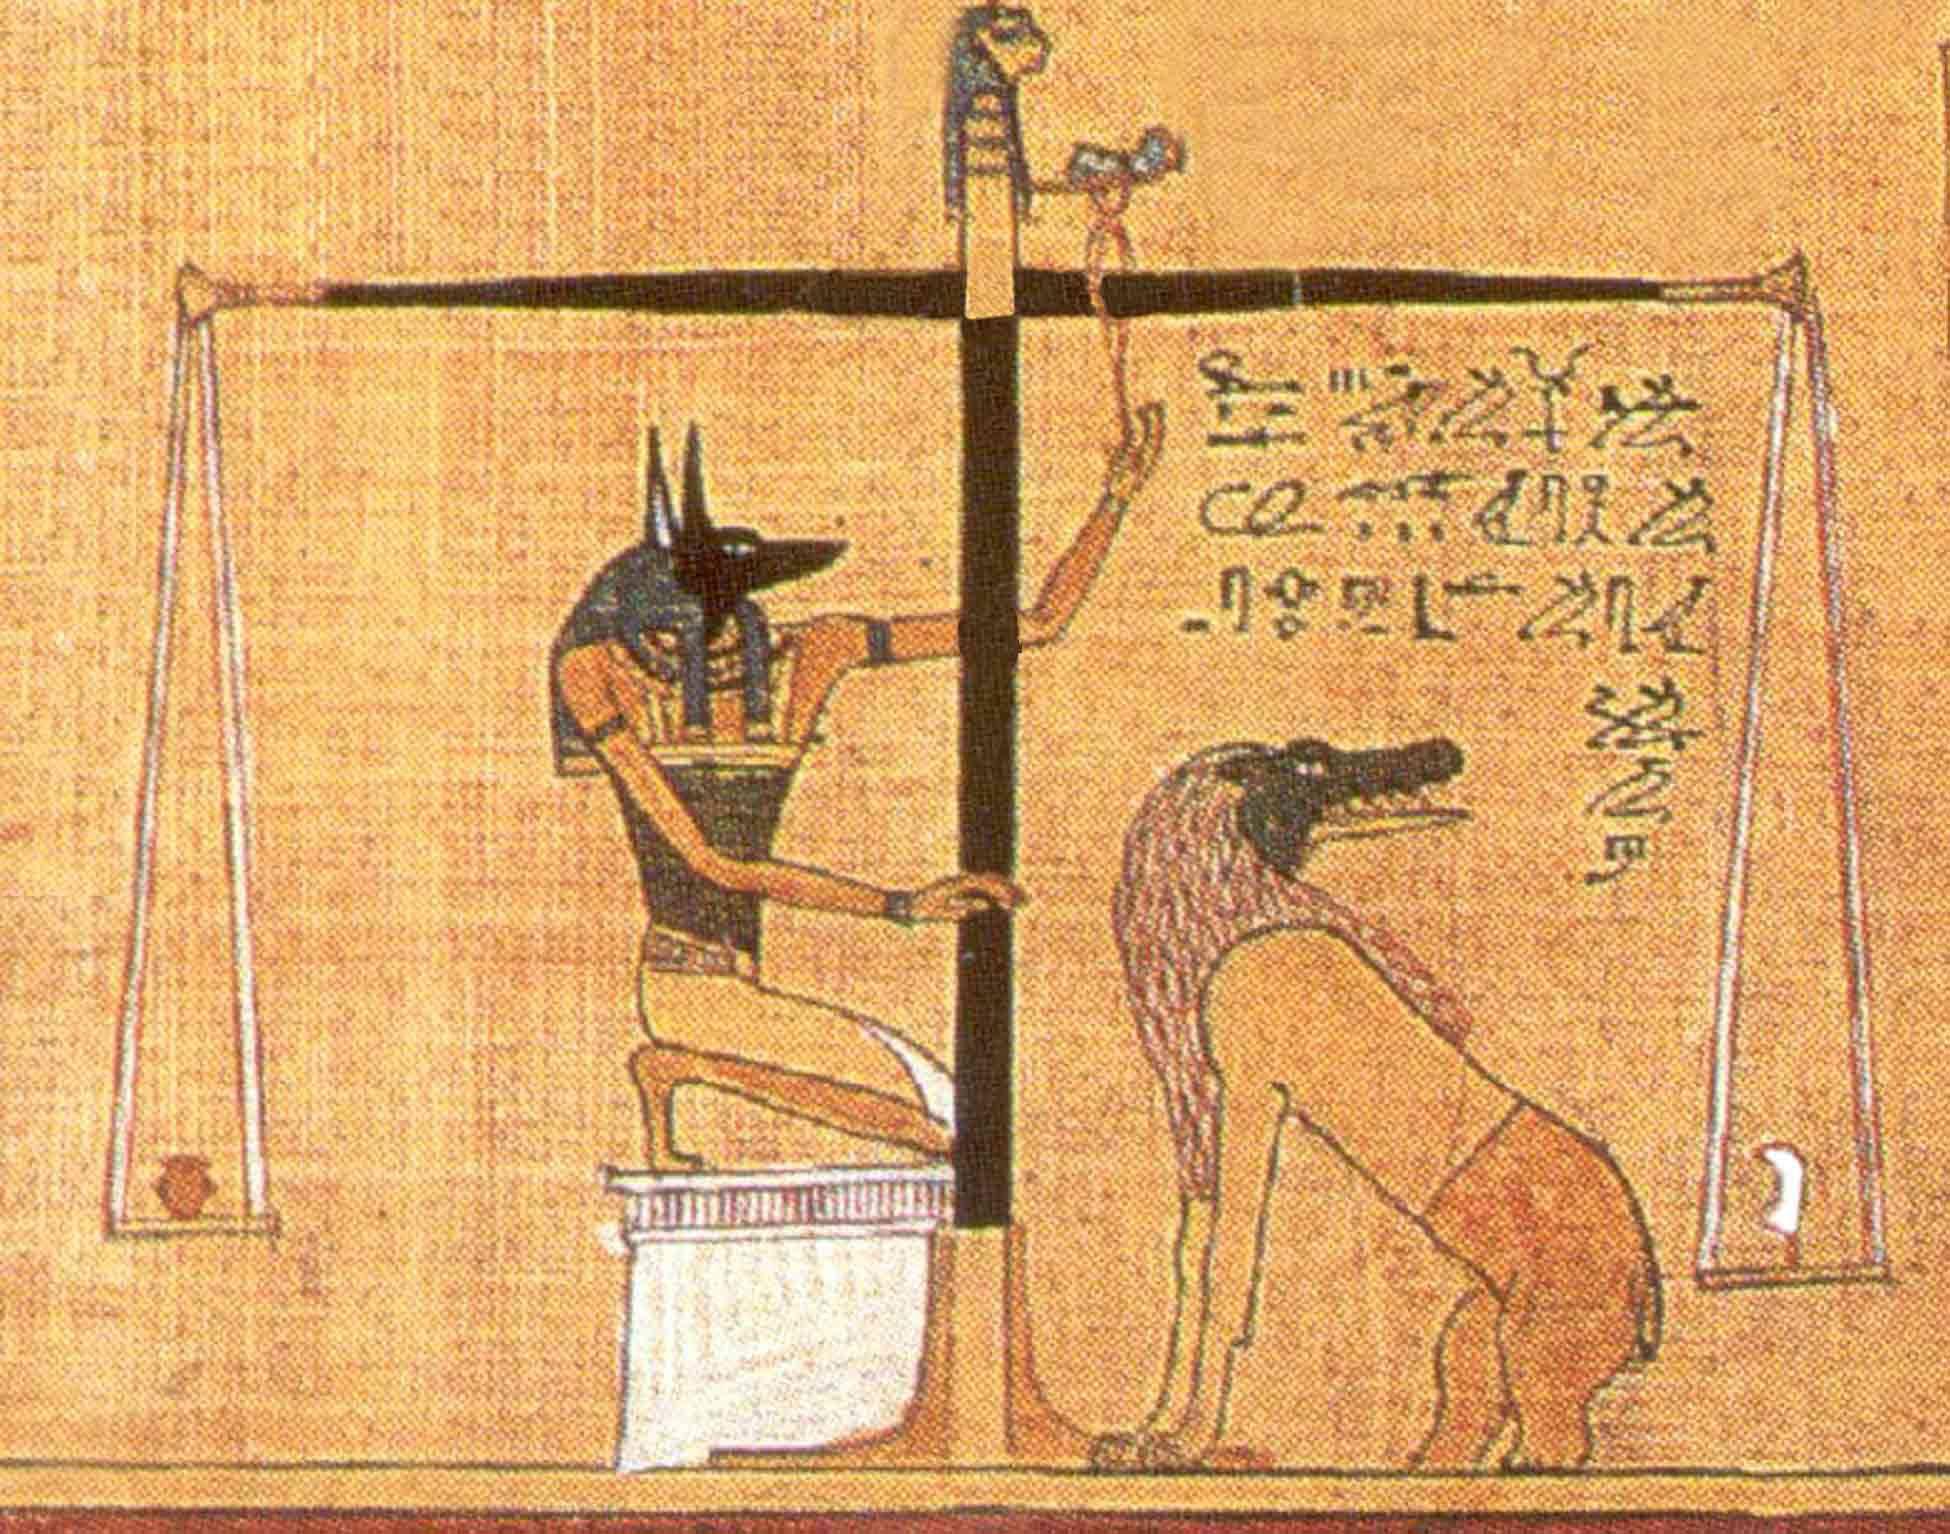 تصوير القلب (إب) ورمزيتها في الفن المصري القديم